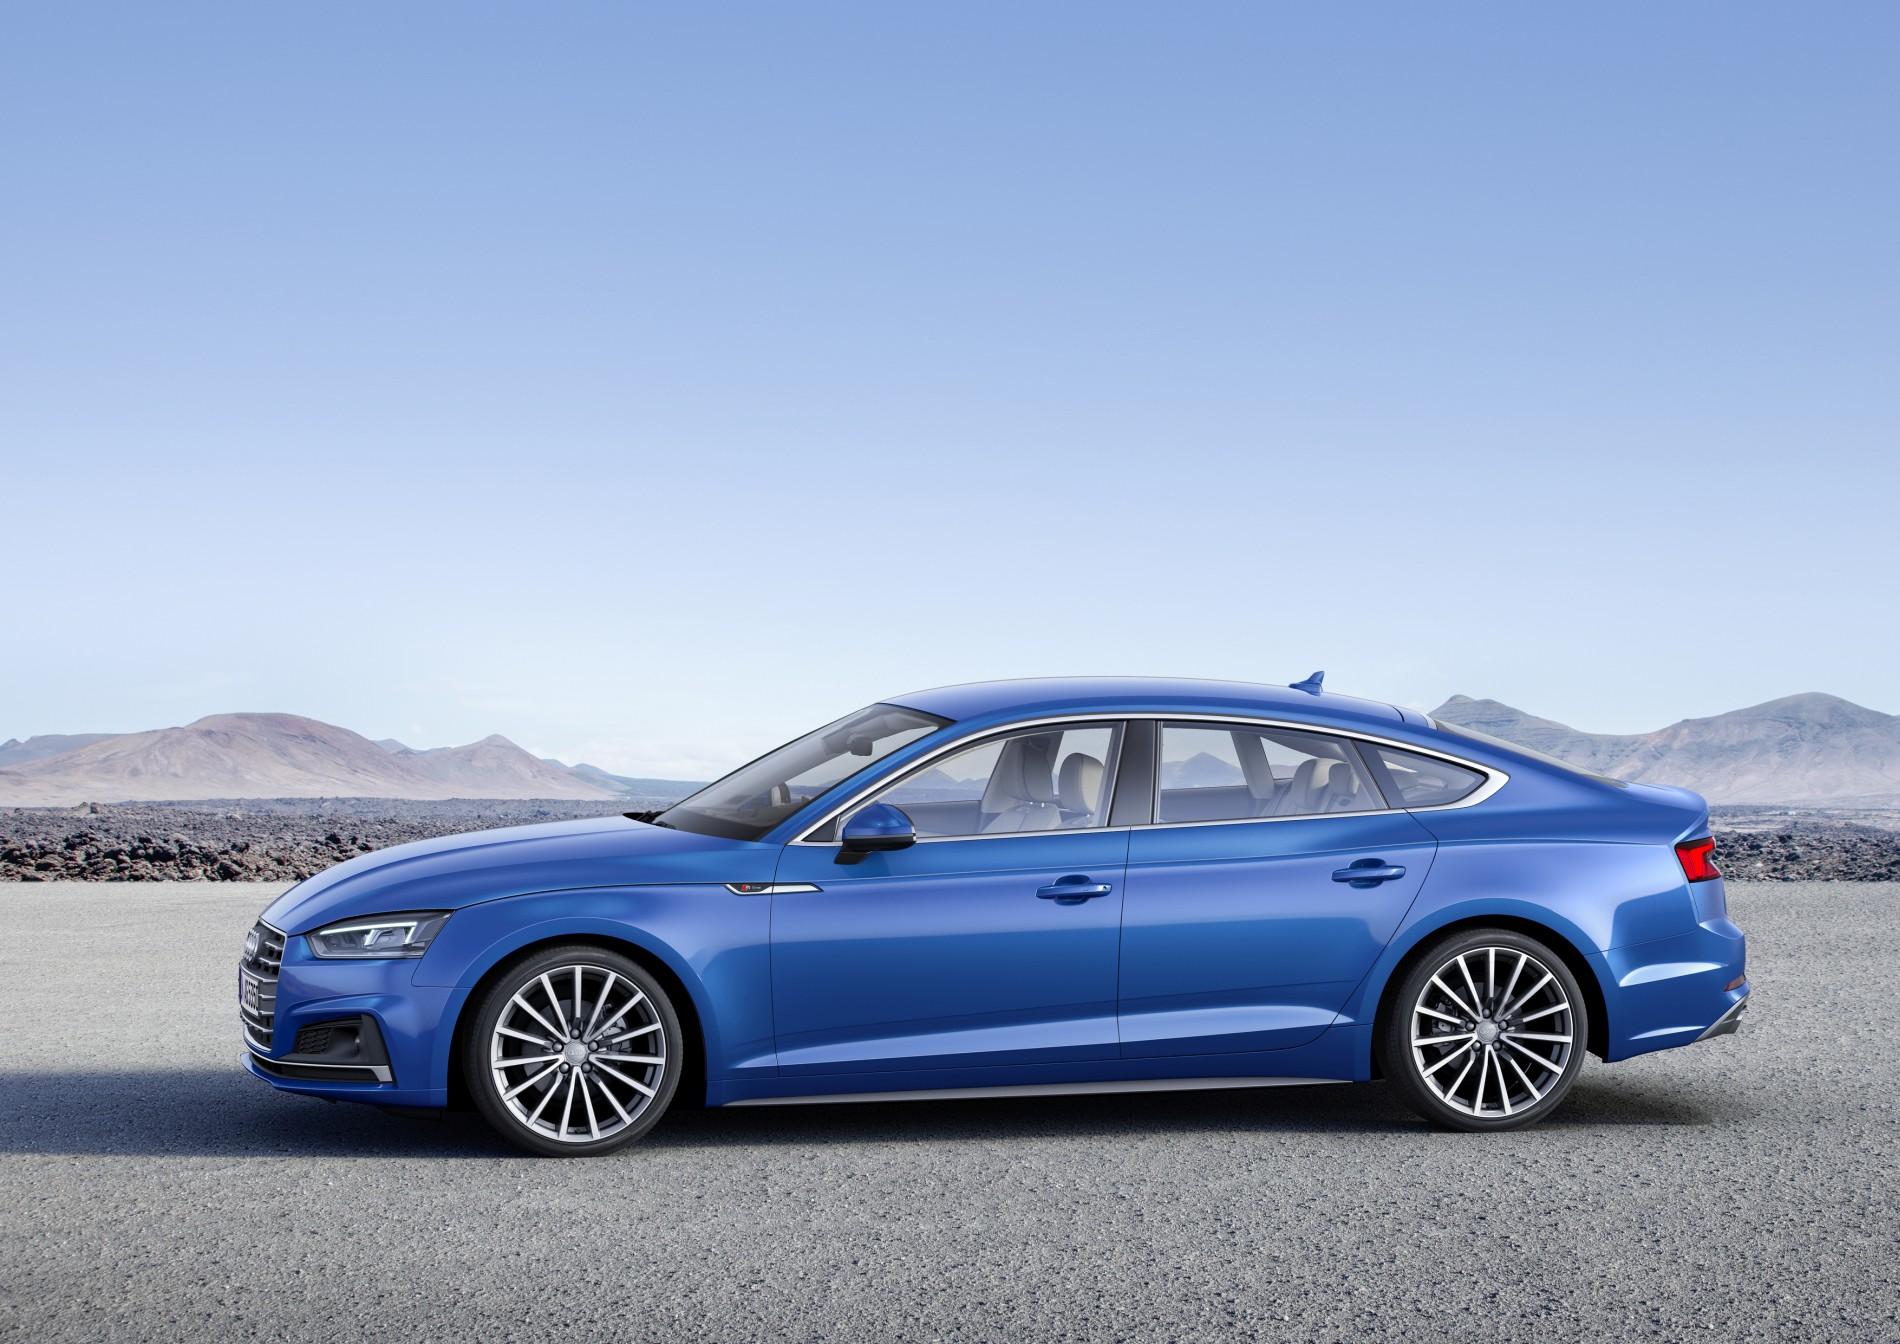 Audi A5 Sportback g-tron in Scruba Blue